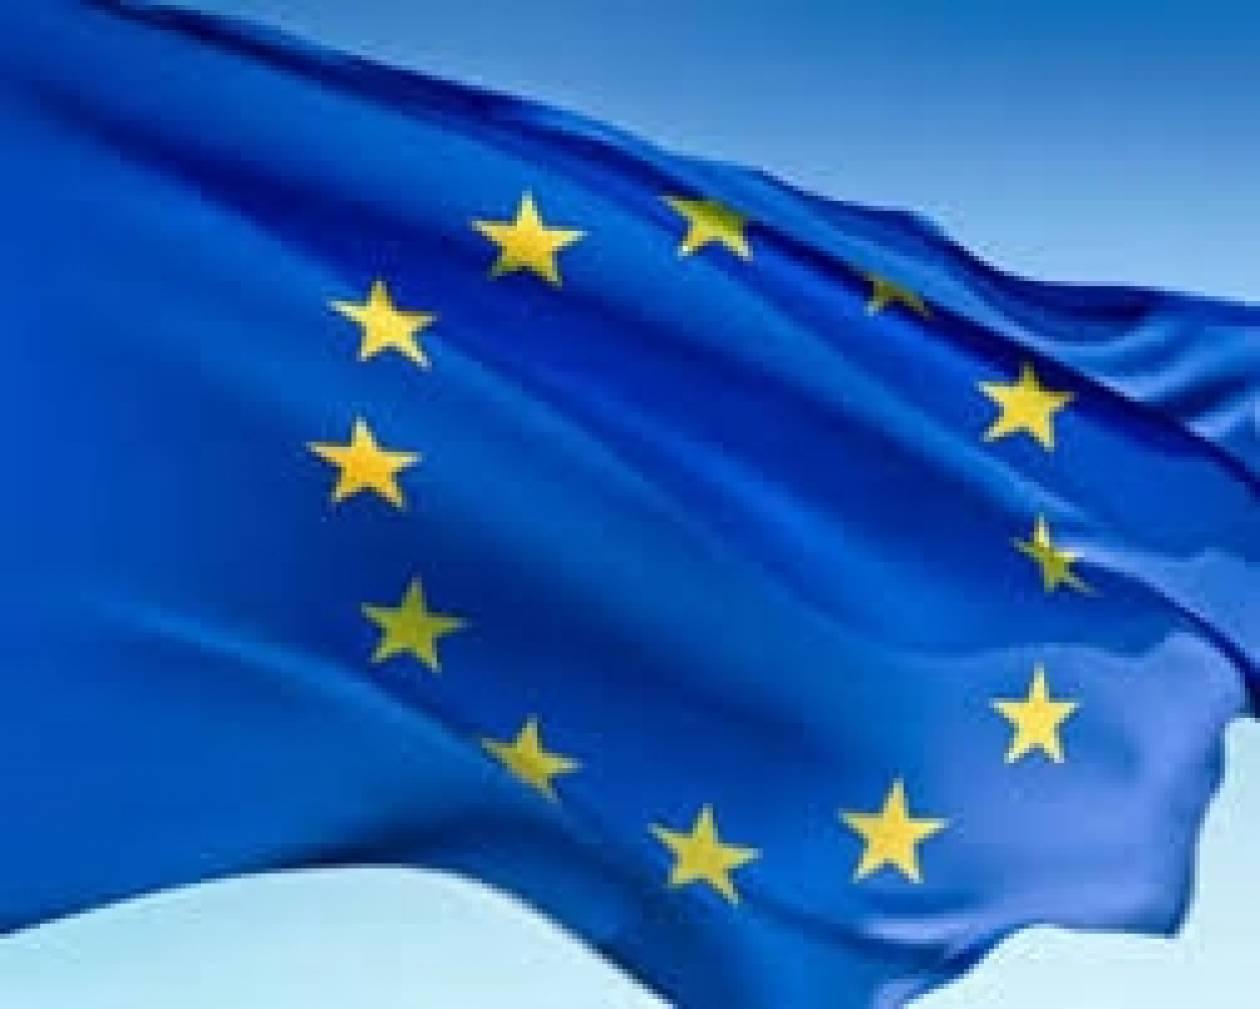 140 άγνωστα έγγραφα για την ένταξη Ελλάδας στην ΕΕ